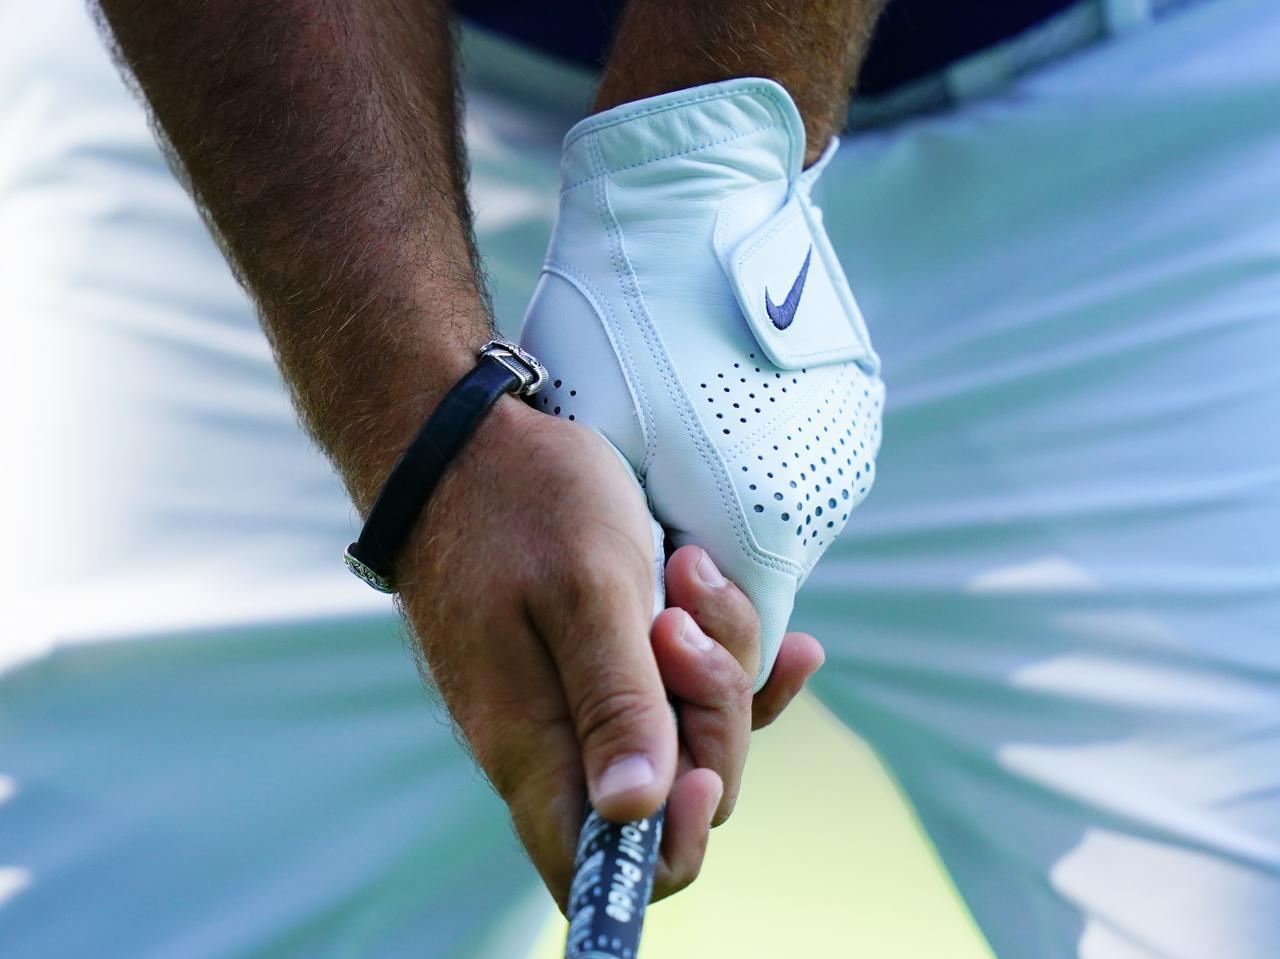 画像: 左手のこぶしが3つ見えるフック。右手は横から握ったフック